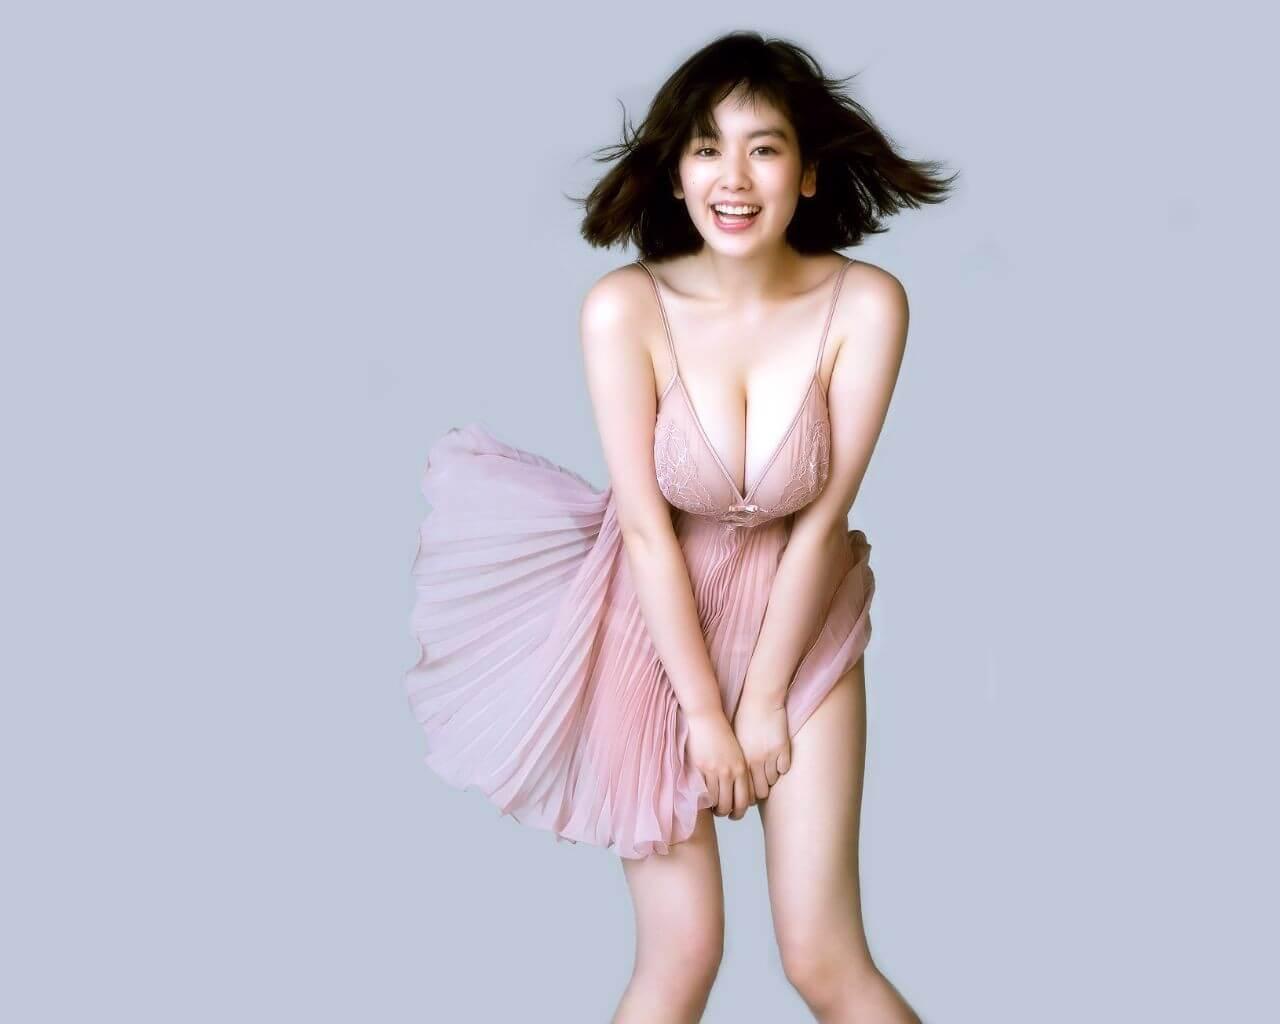 【画像】筧美和子とかいう女、どんな乳してんねん